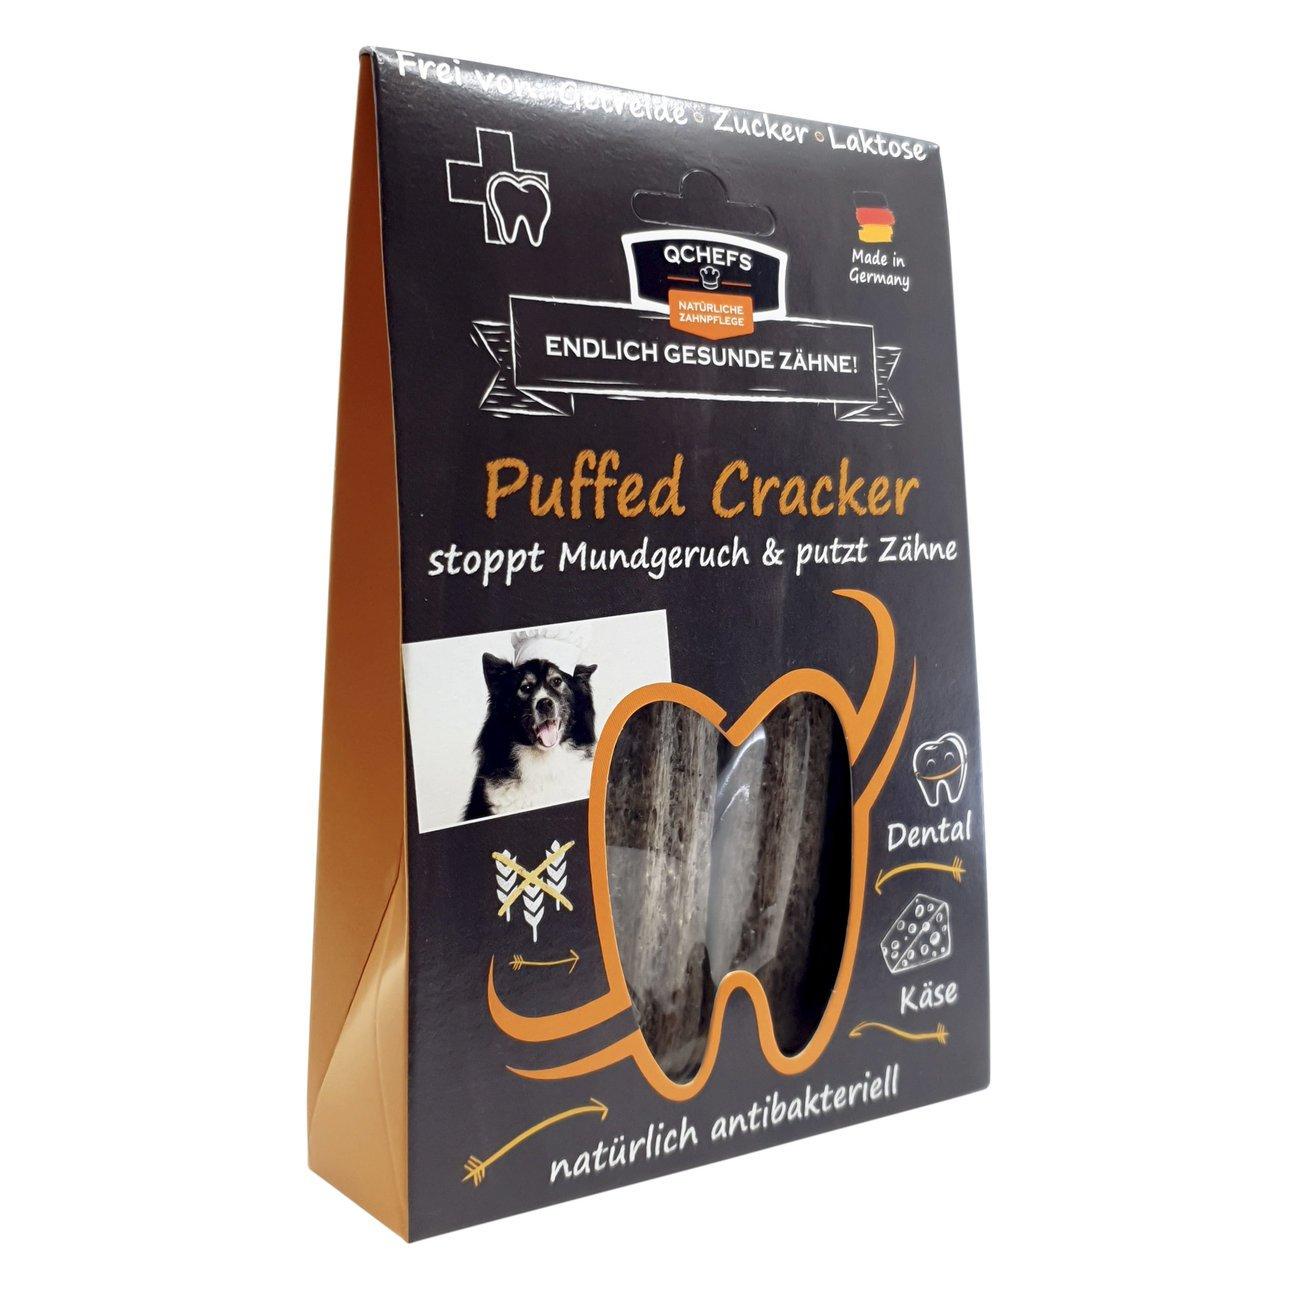 Qchefs Puffed Cracker Snack, Bild 5